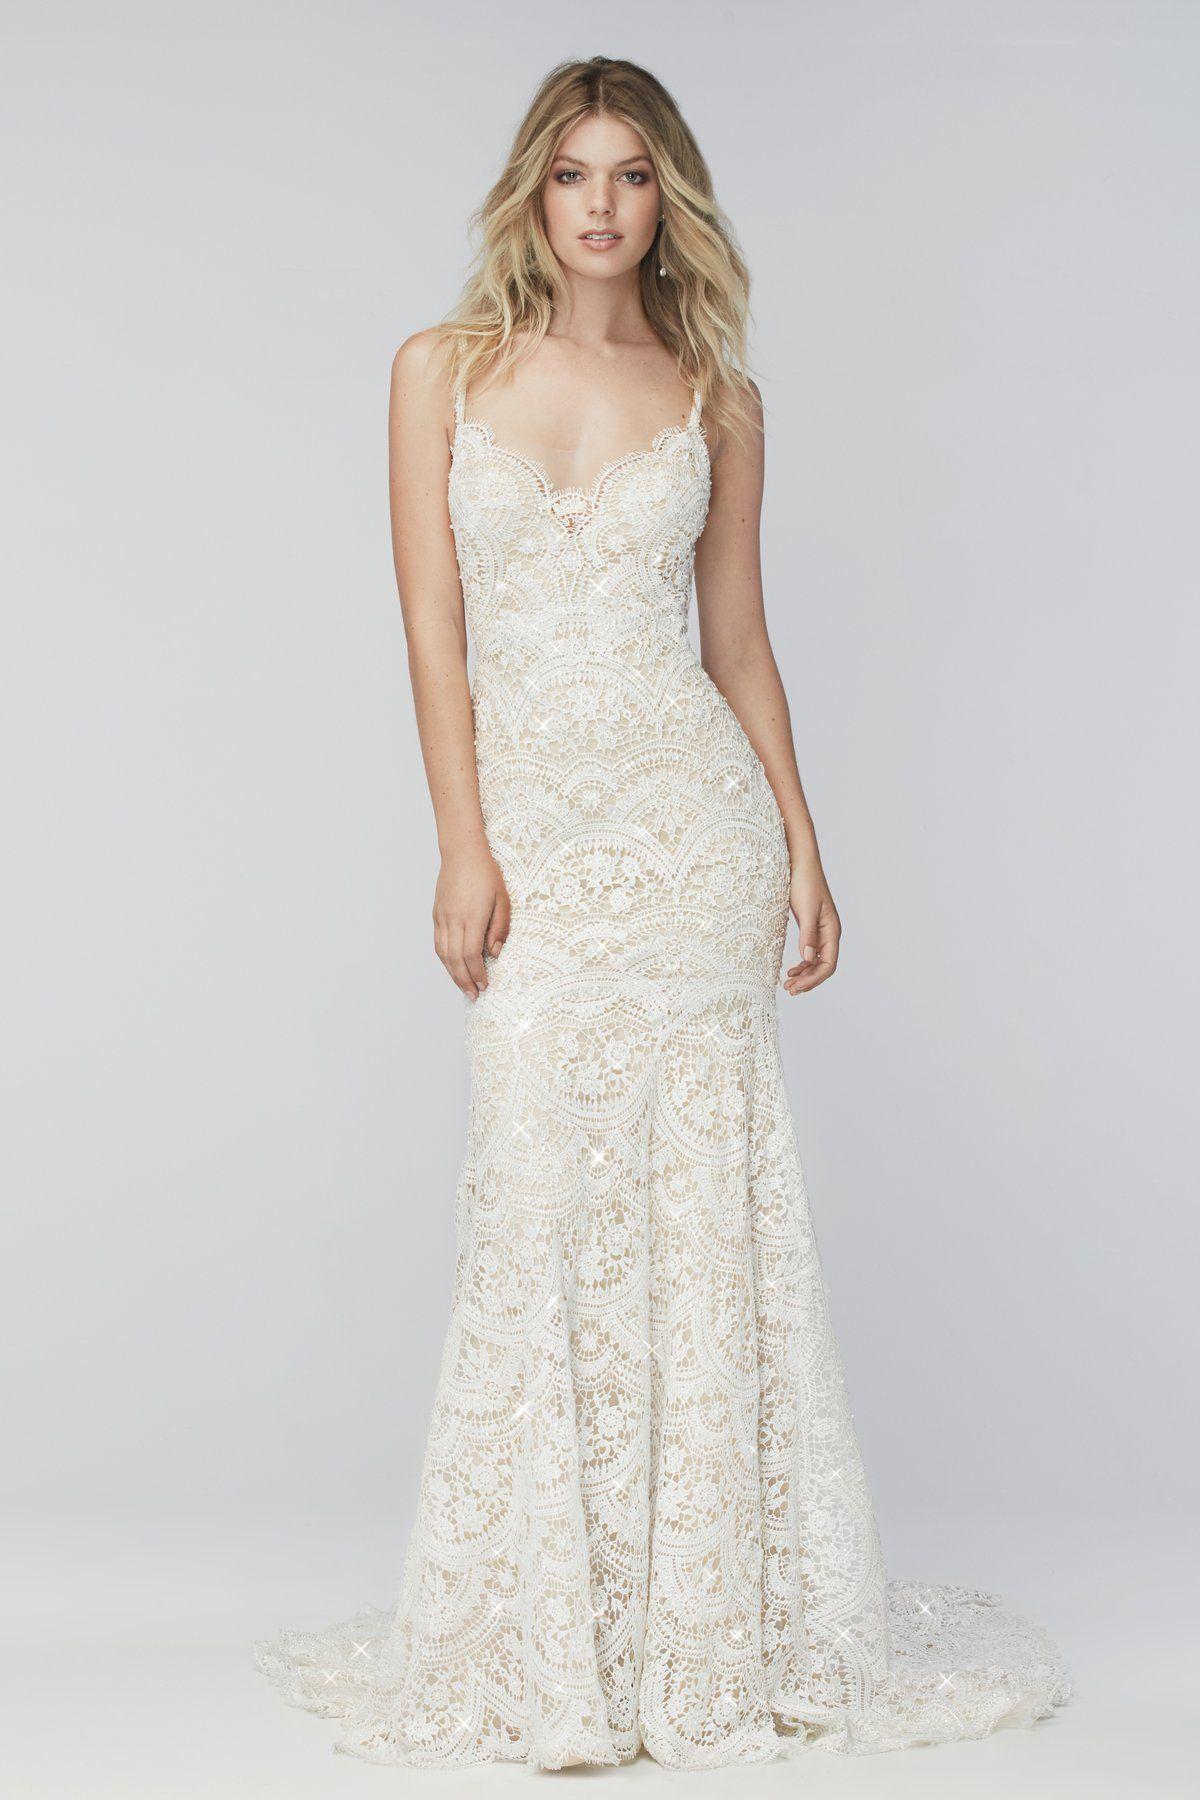 Atemberaubende Brautkleider der Wtoo Kollektion von Watters   Gowns ...